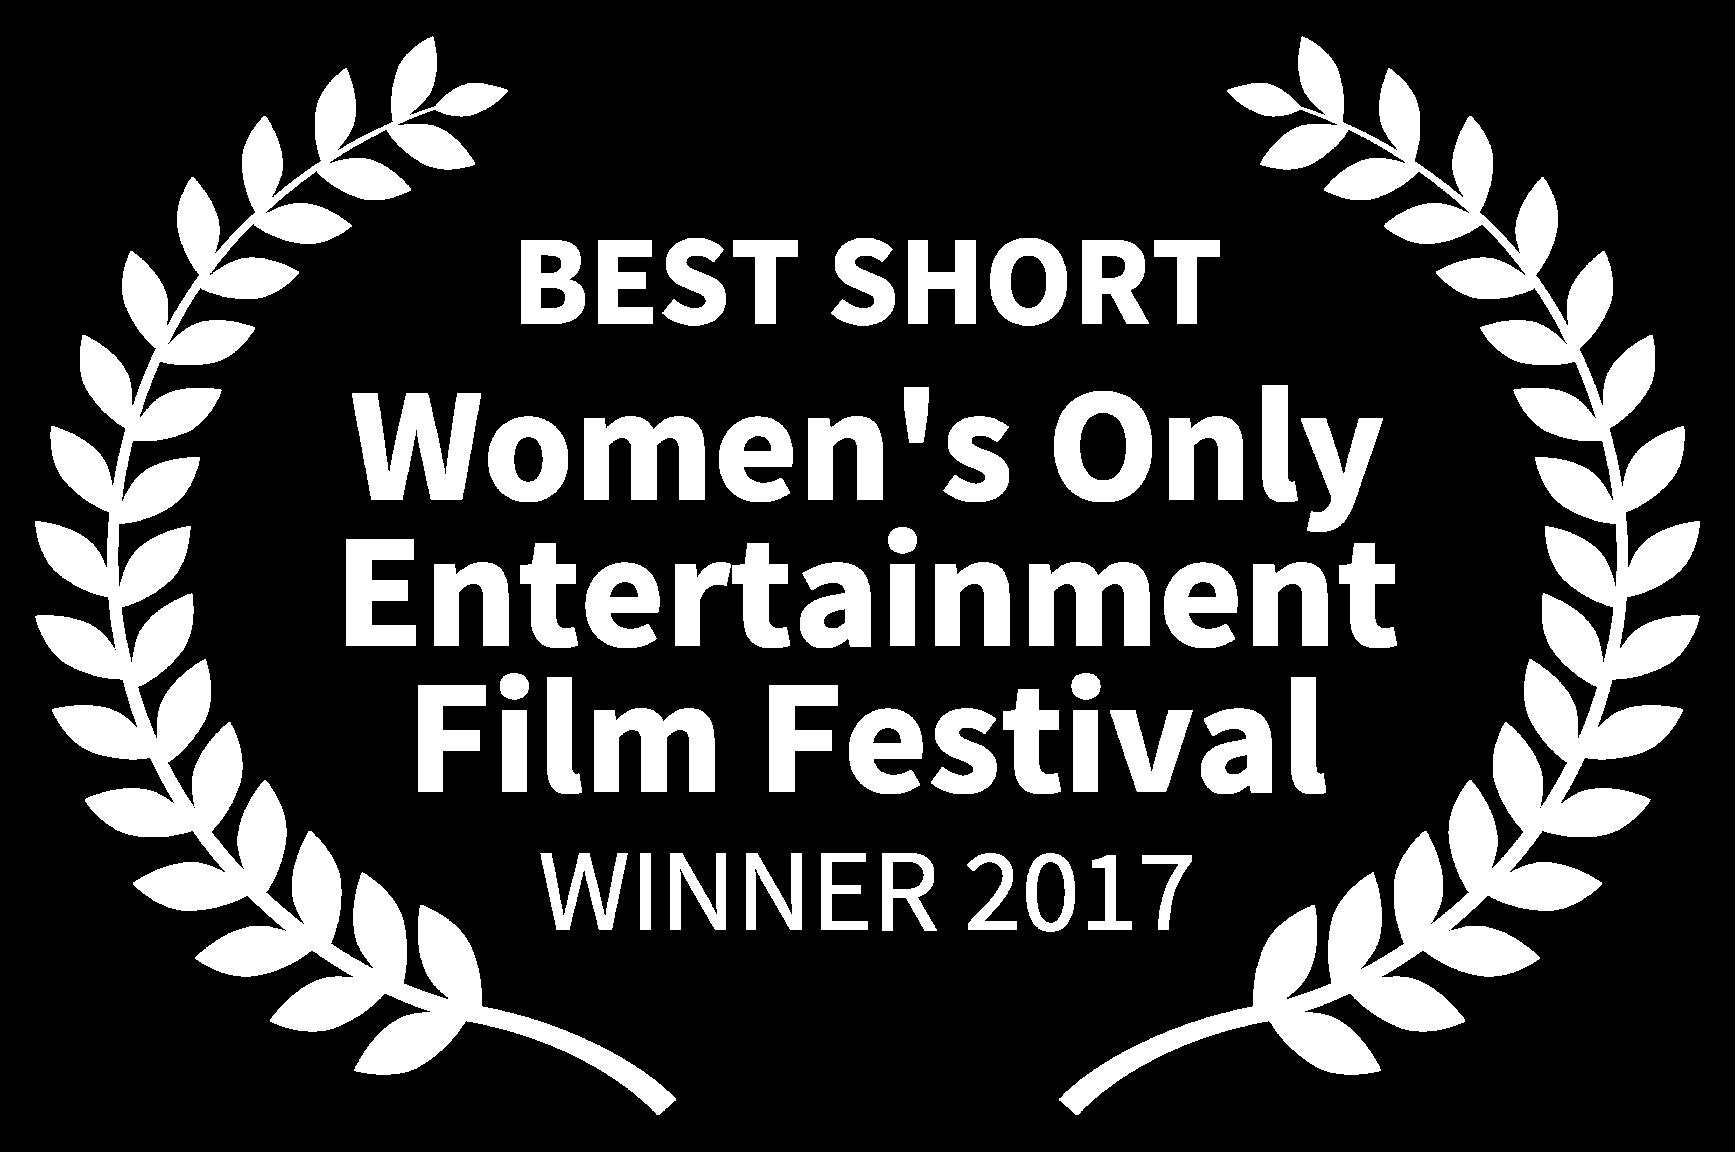 BEST SHORT - Womens Only Entertainment Film Festival - WINNER 2017.png